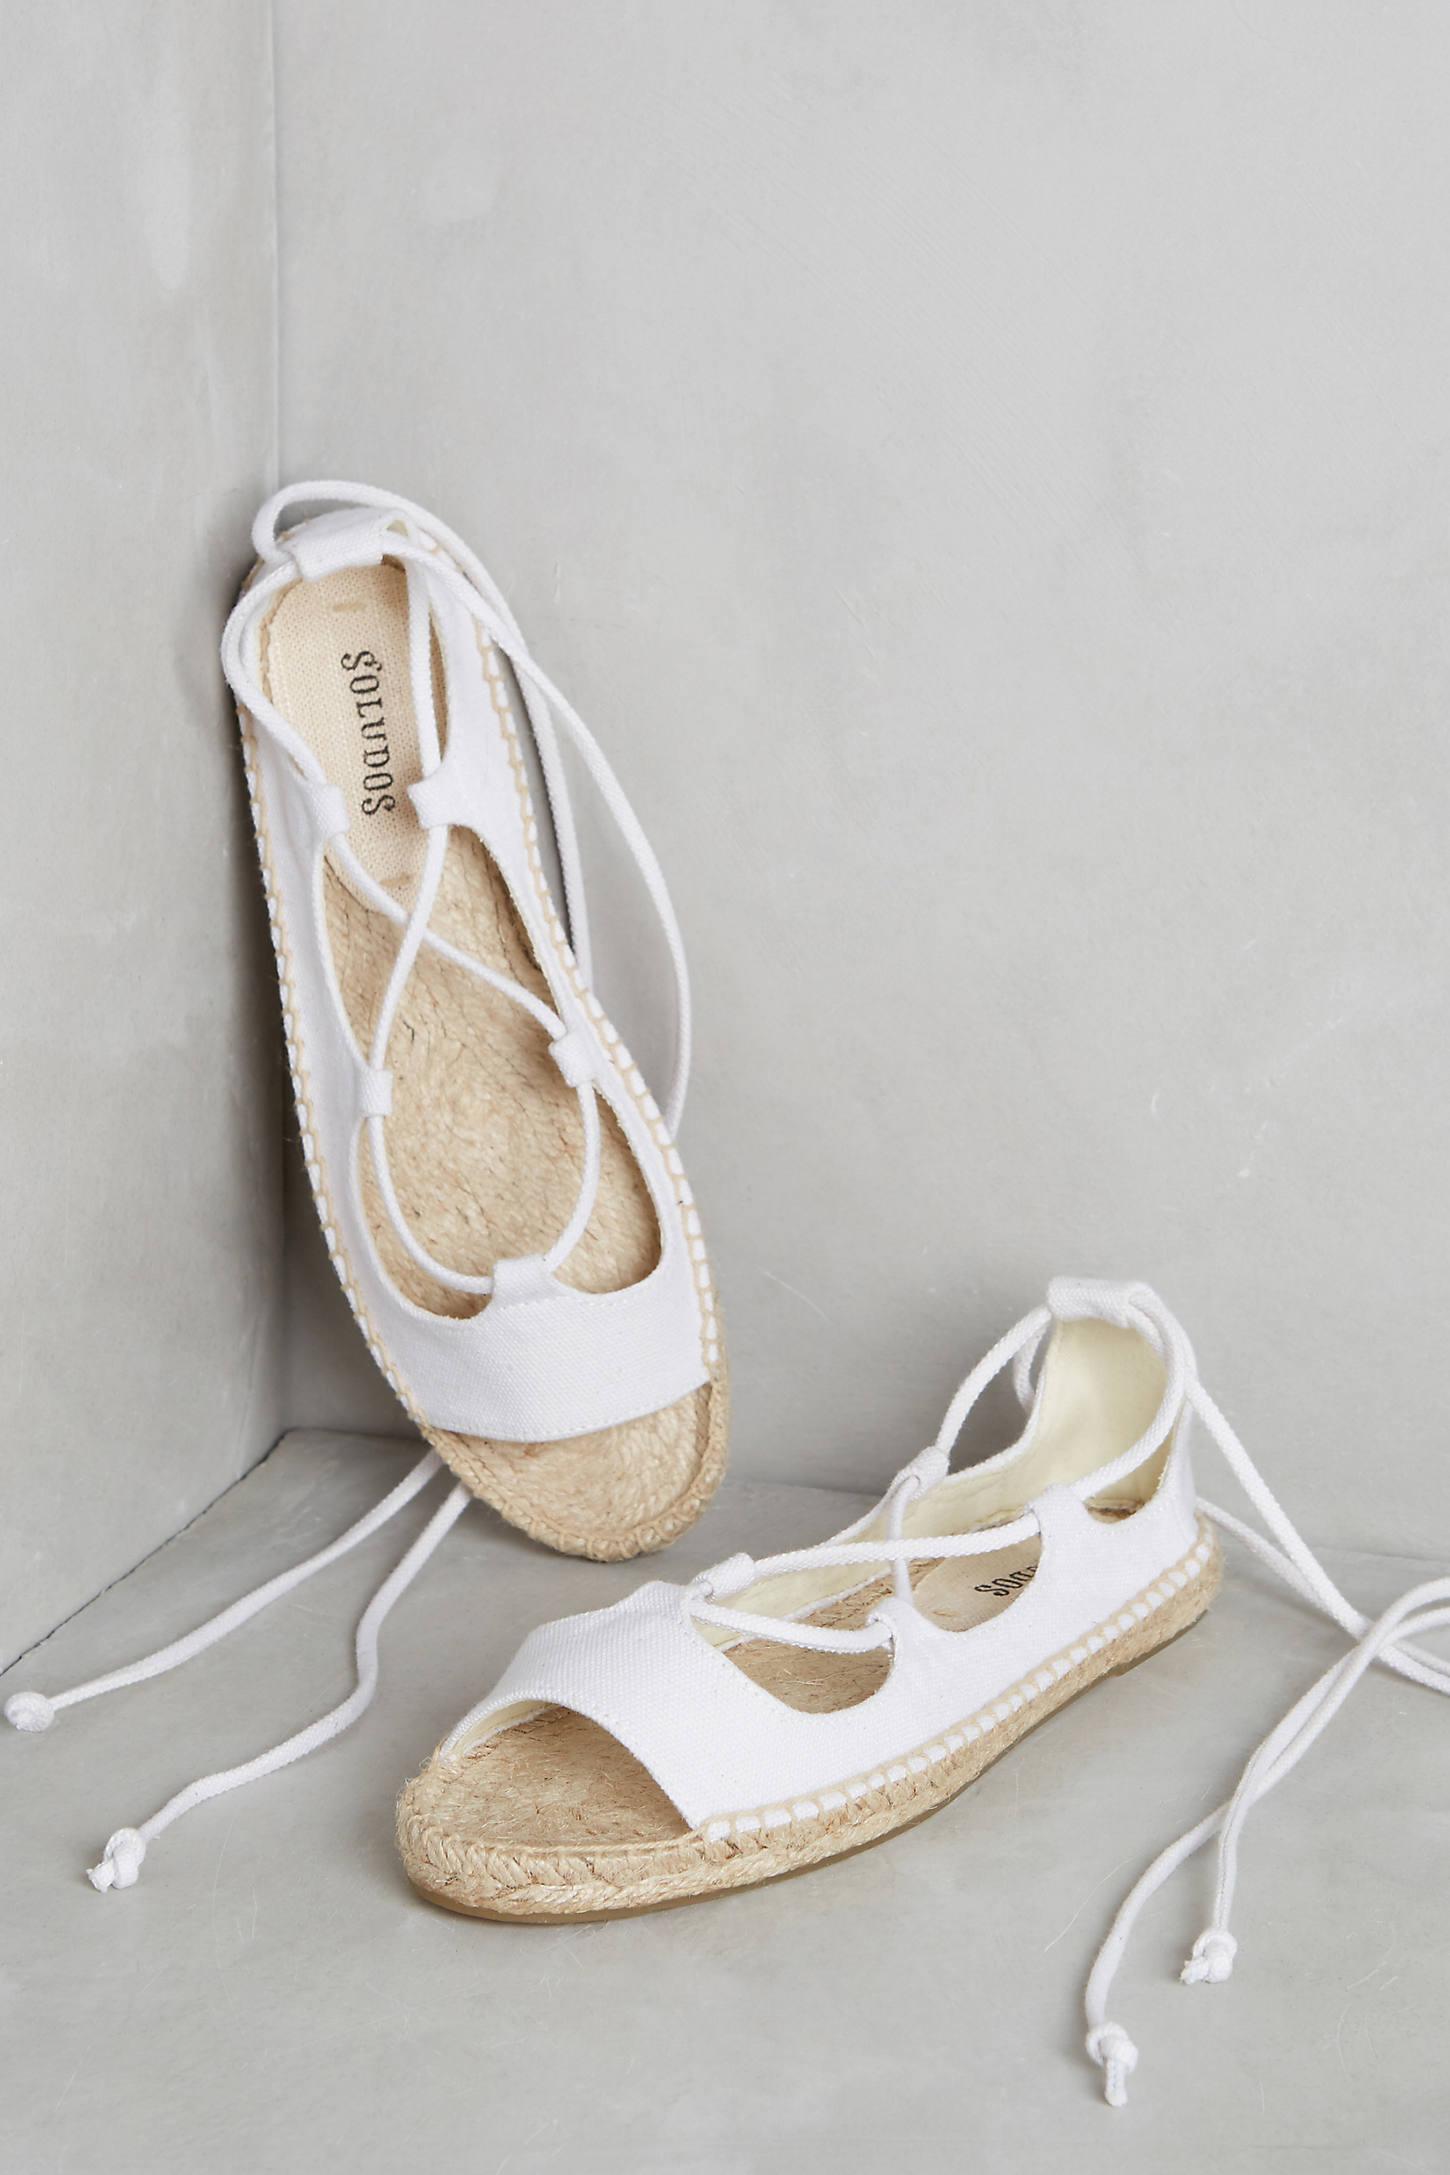 Soludos Biarritz Espadrille Sandals